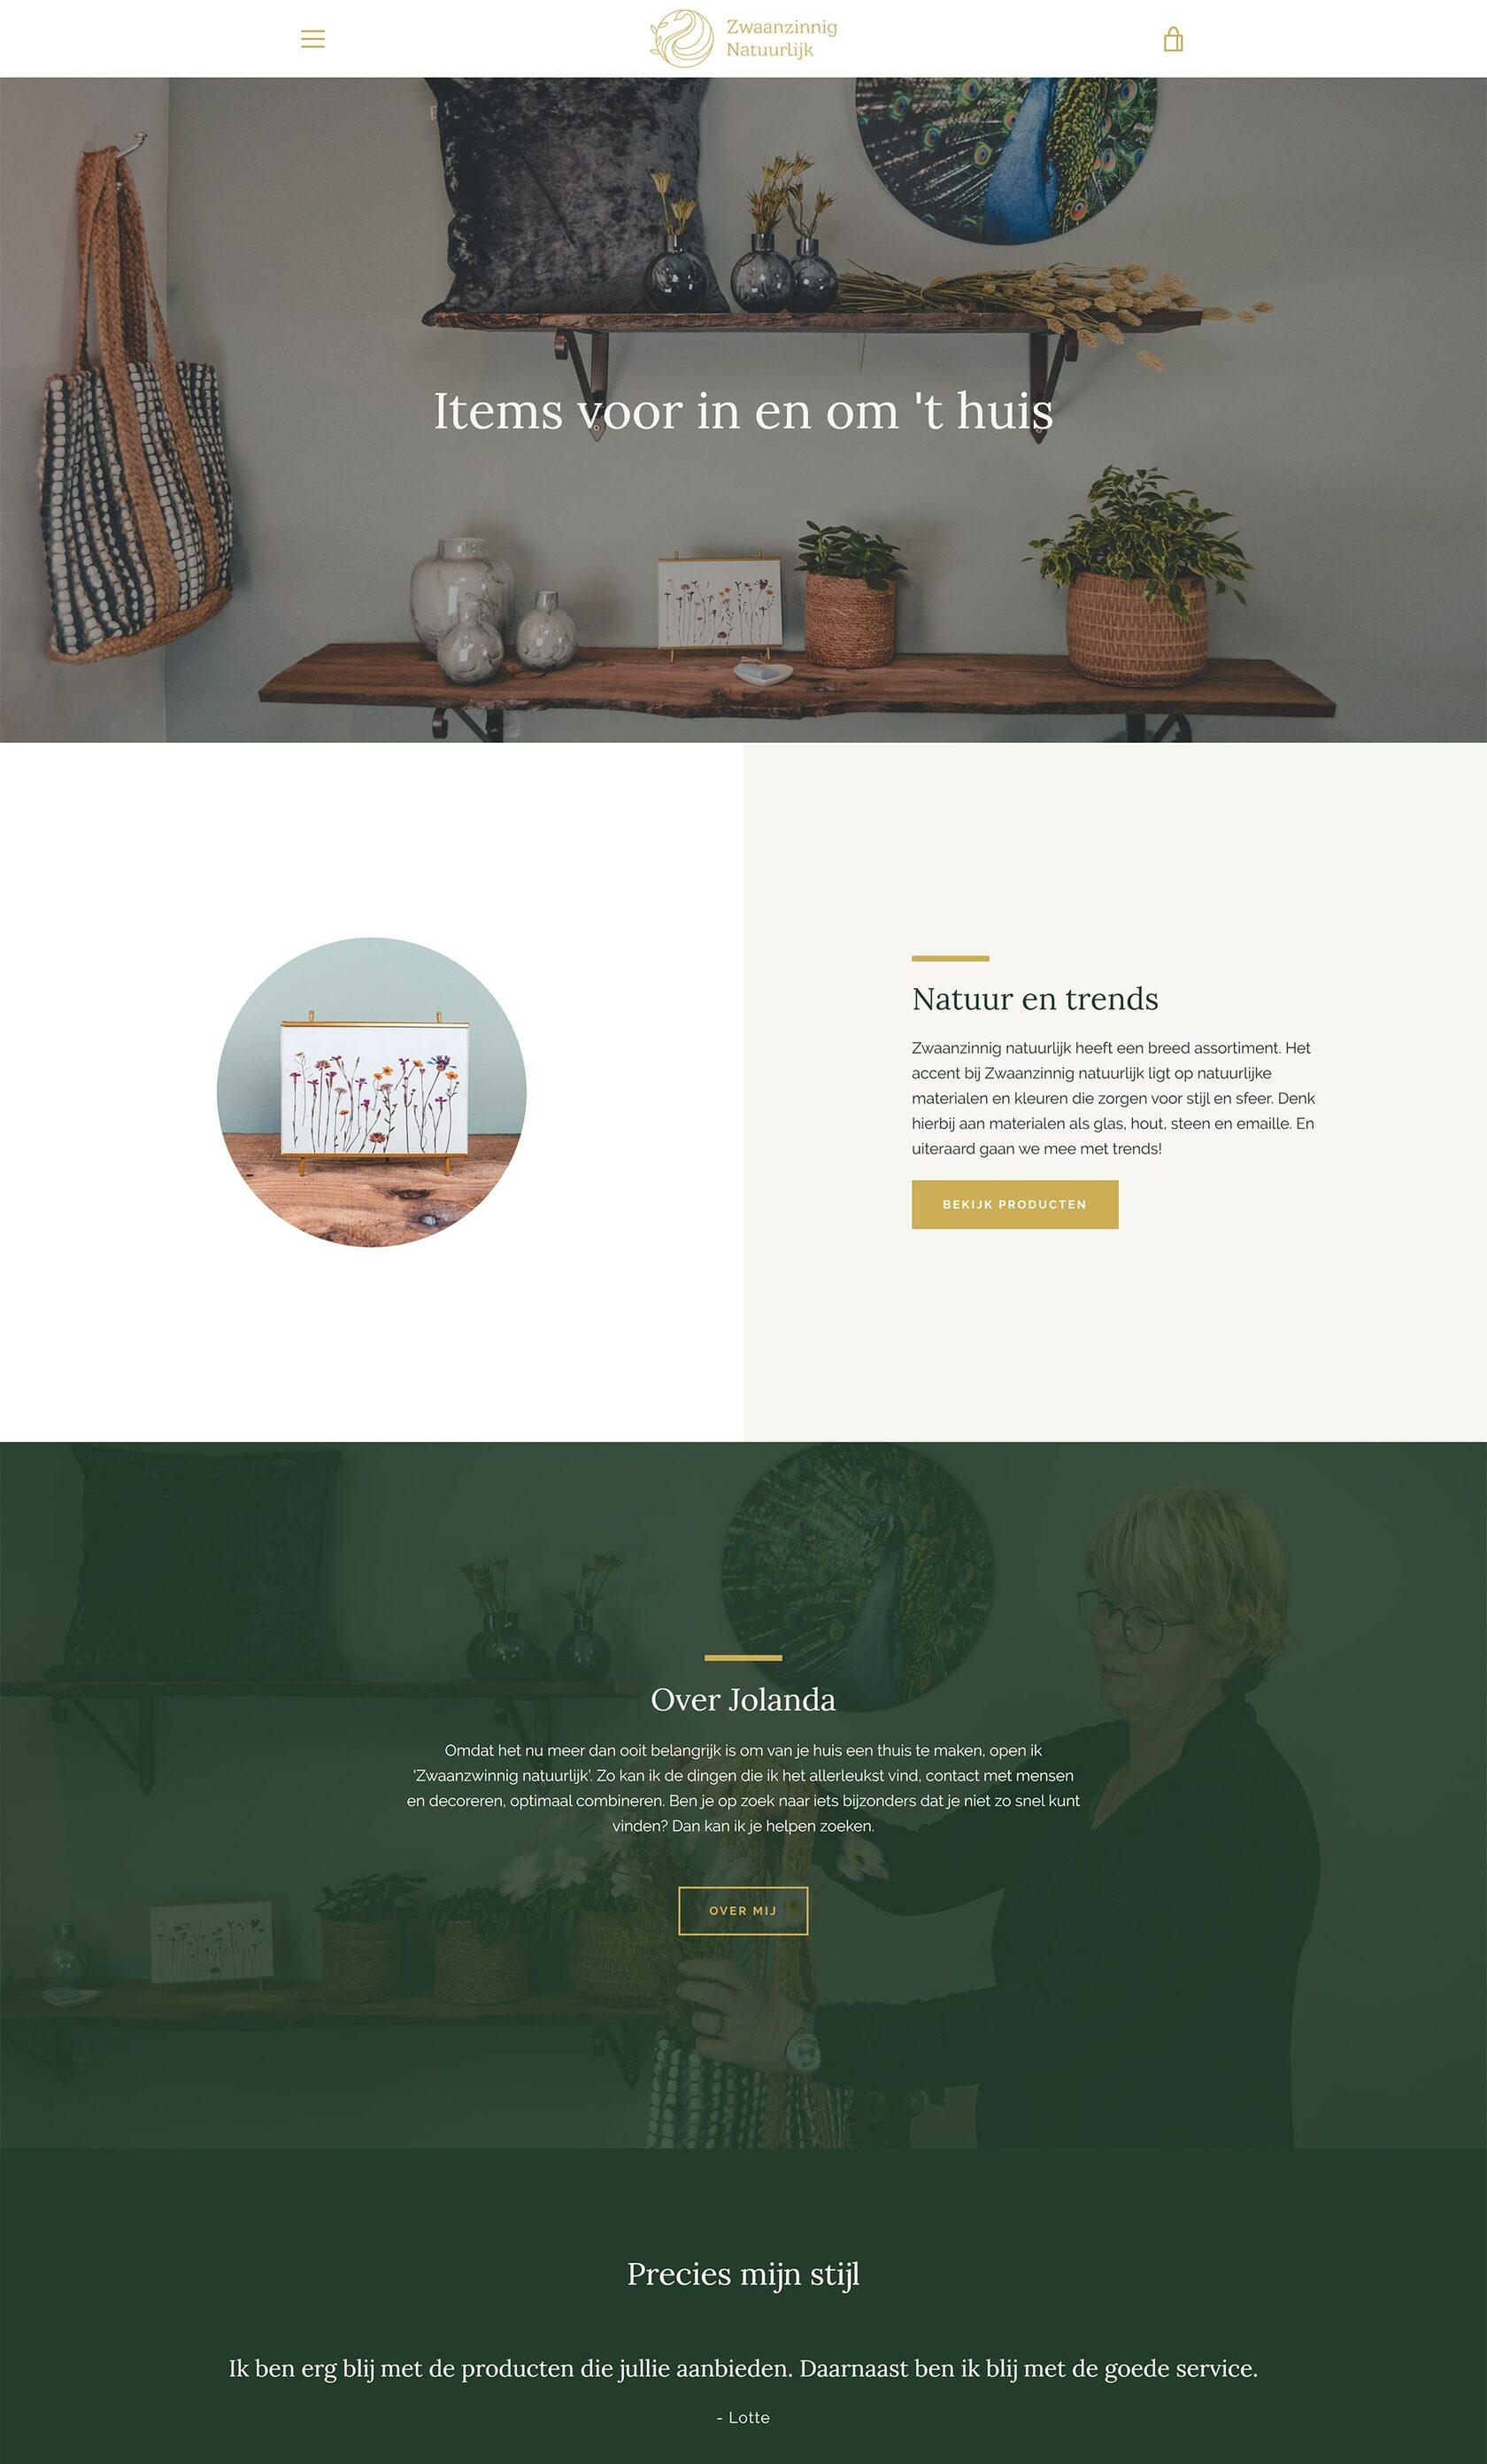 Website voorbeeld van project Zwaanzinnig Natuurlijk